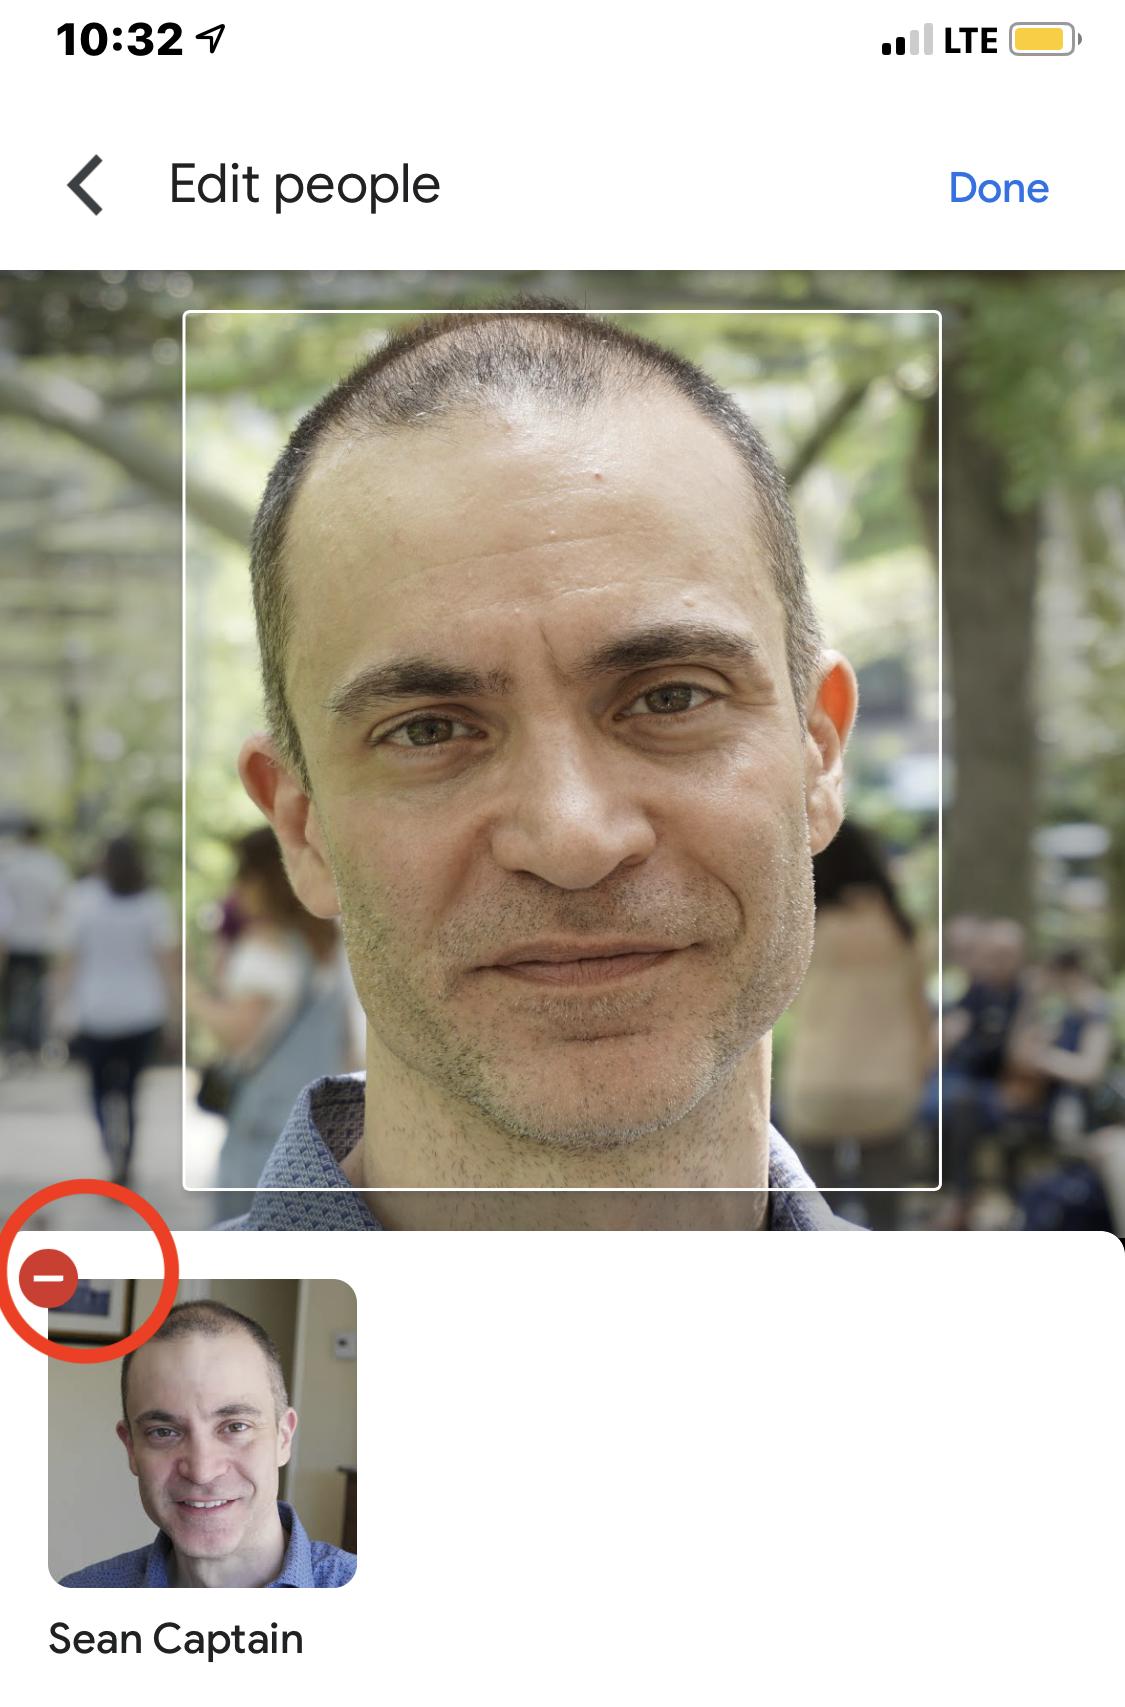 Eliminar una imagen del álbum basado en rostros.